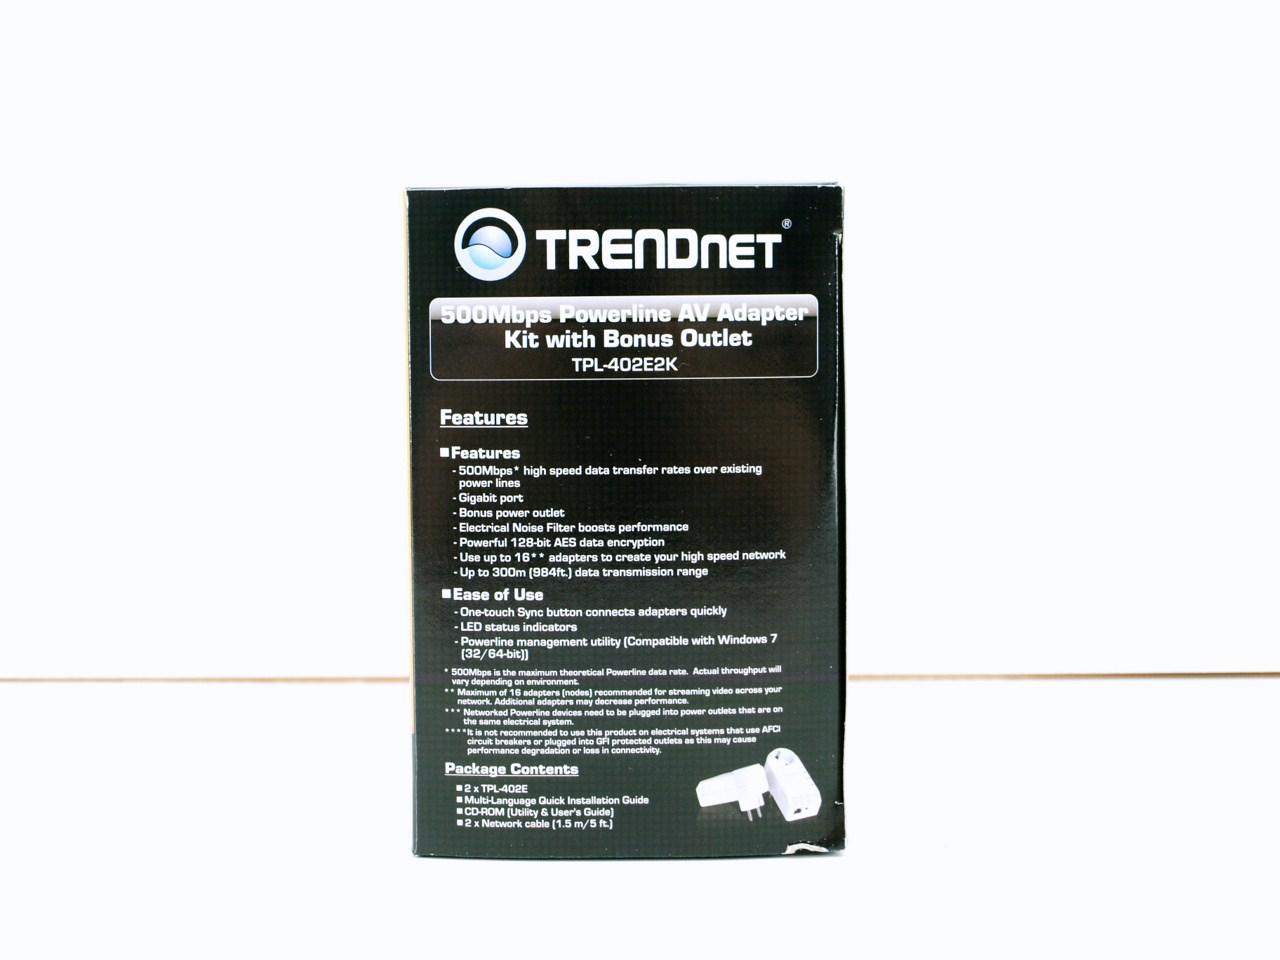 TRENDnet TPL-402E2K Powerline Driver Windows 7